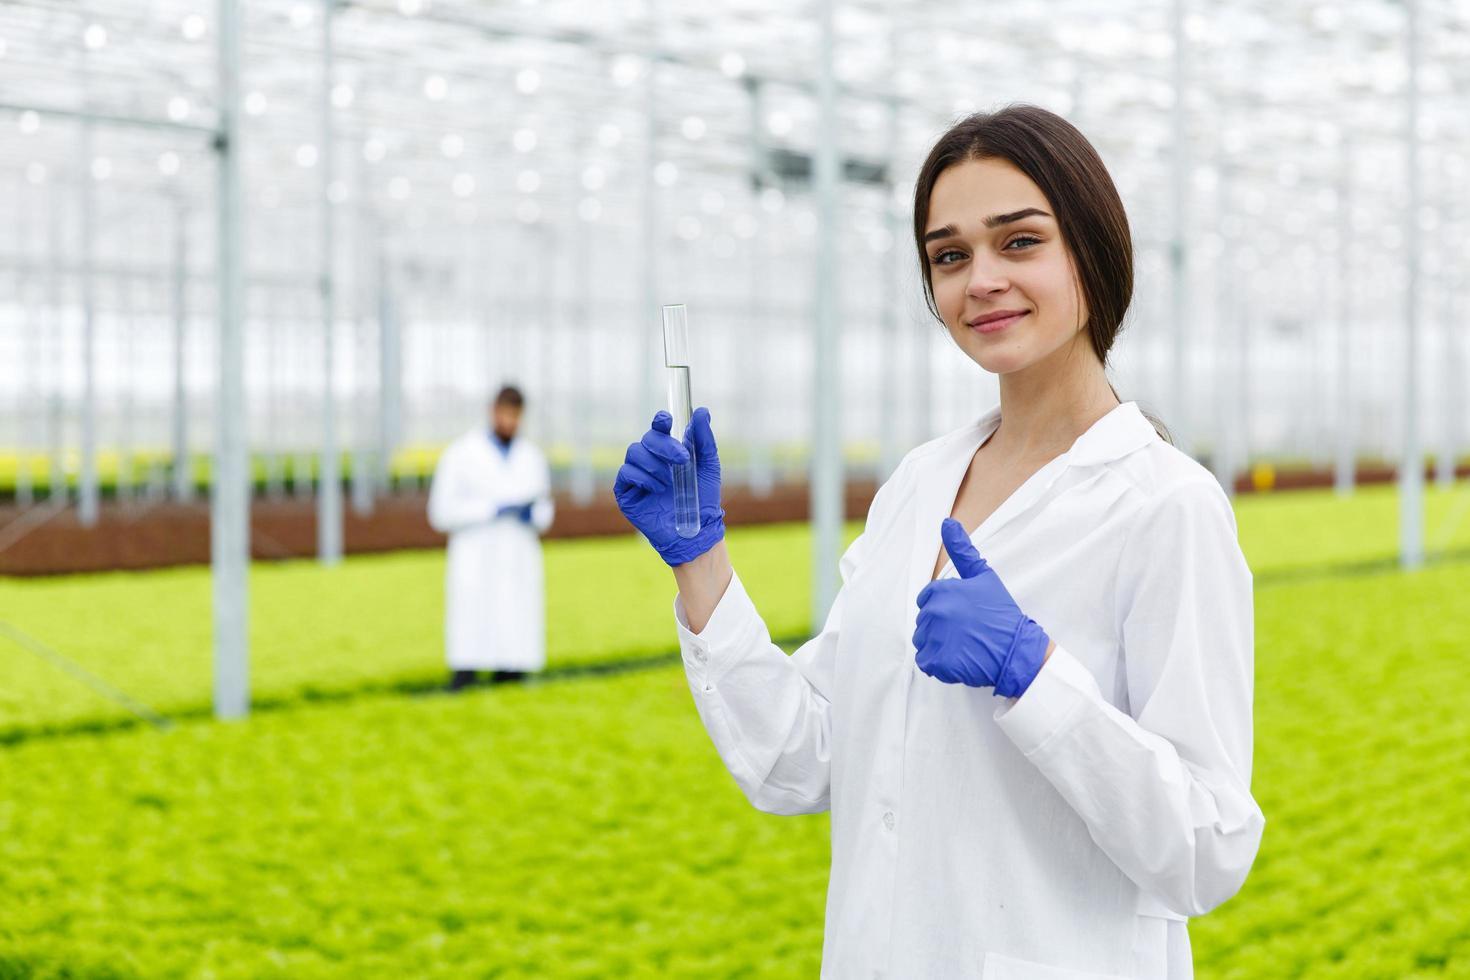 kvinnlig forskare håller ett glasrör foto